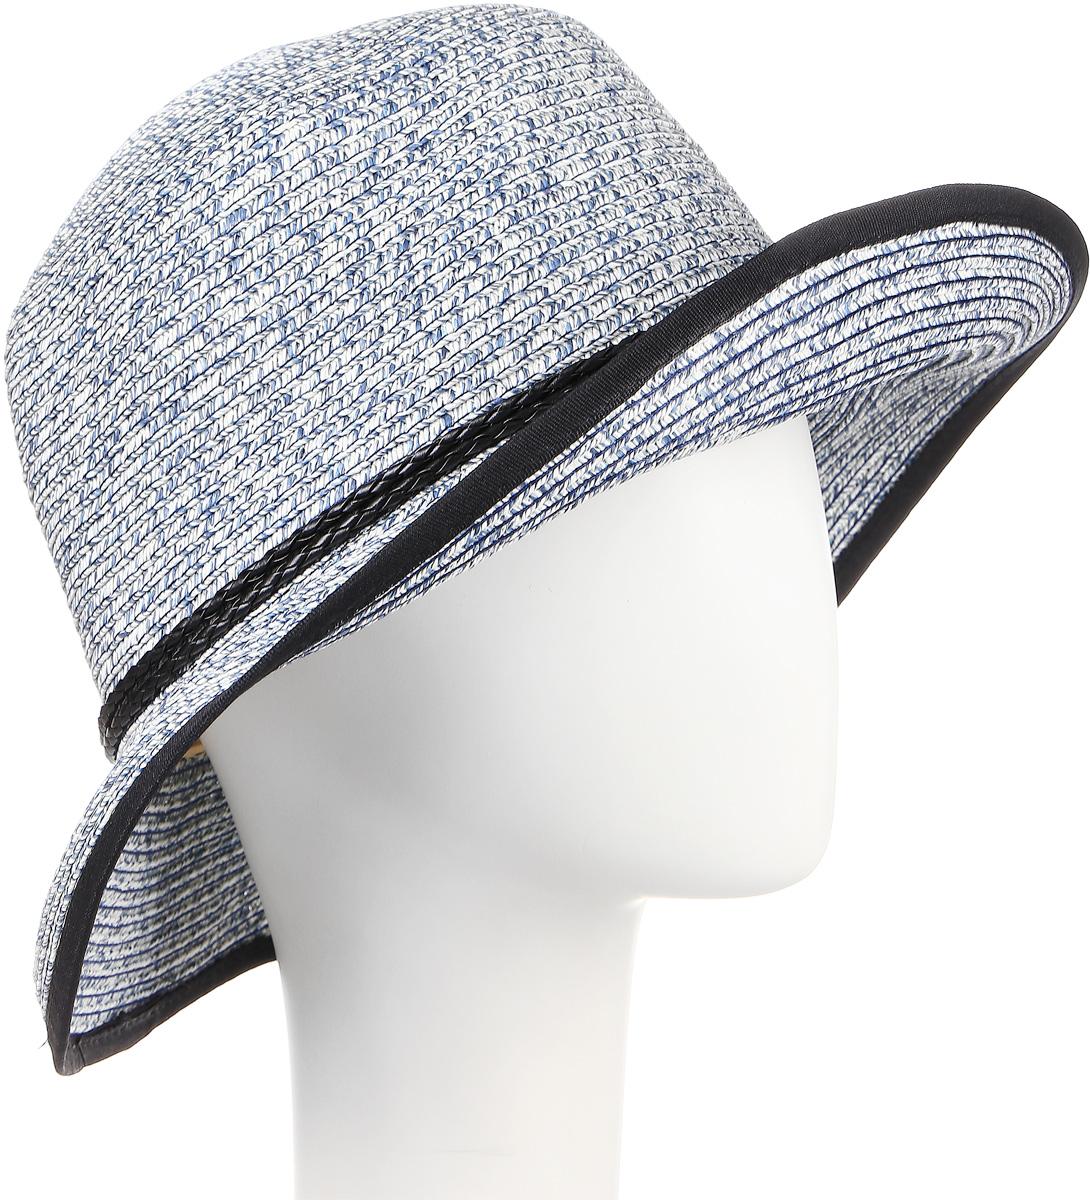 Шляпа женская Maxval, цвет: джинс. HtW100282. Размер 58HtW100282Модная шляпа Maxval выполнена из качественной бумажной соломки. Шляпа с широкими полями дополнена декоративным плетеным шнурком. Эта модель станет отличным аксессуаром и дополнит ваш повседневный образ.